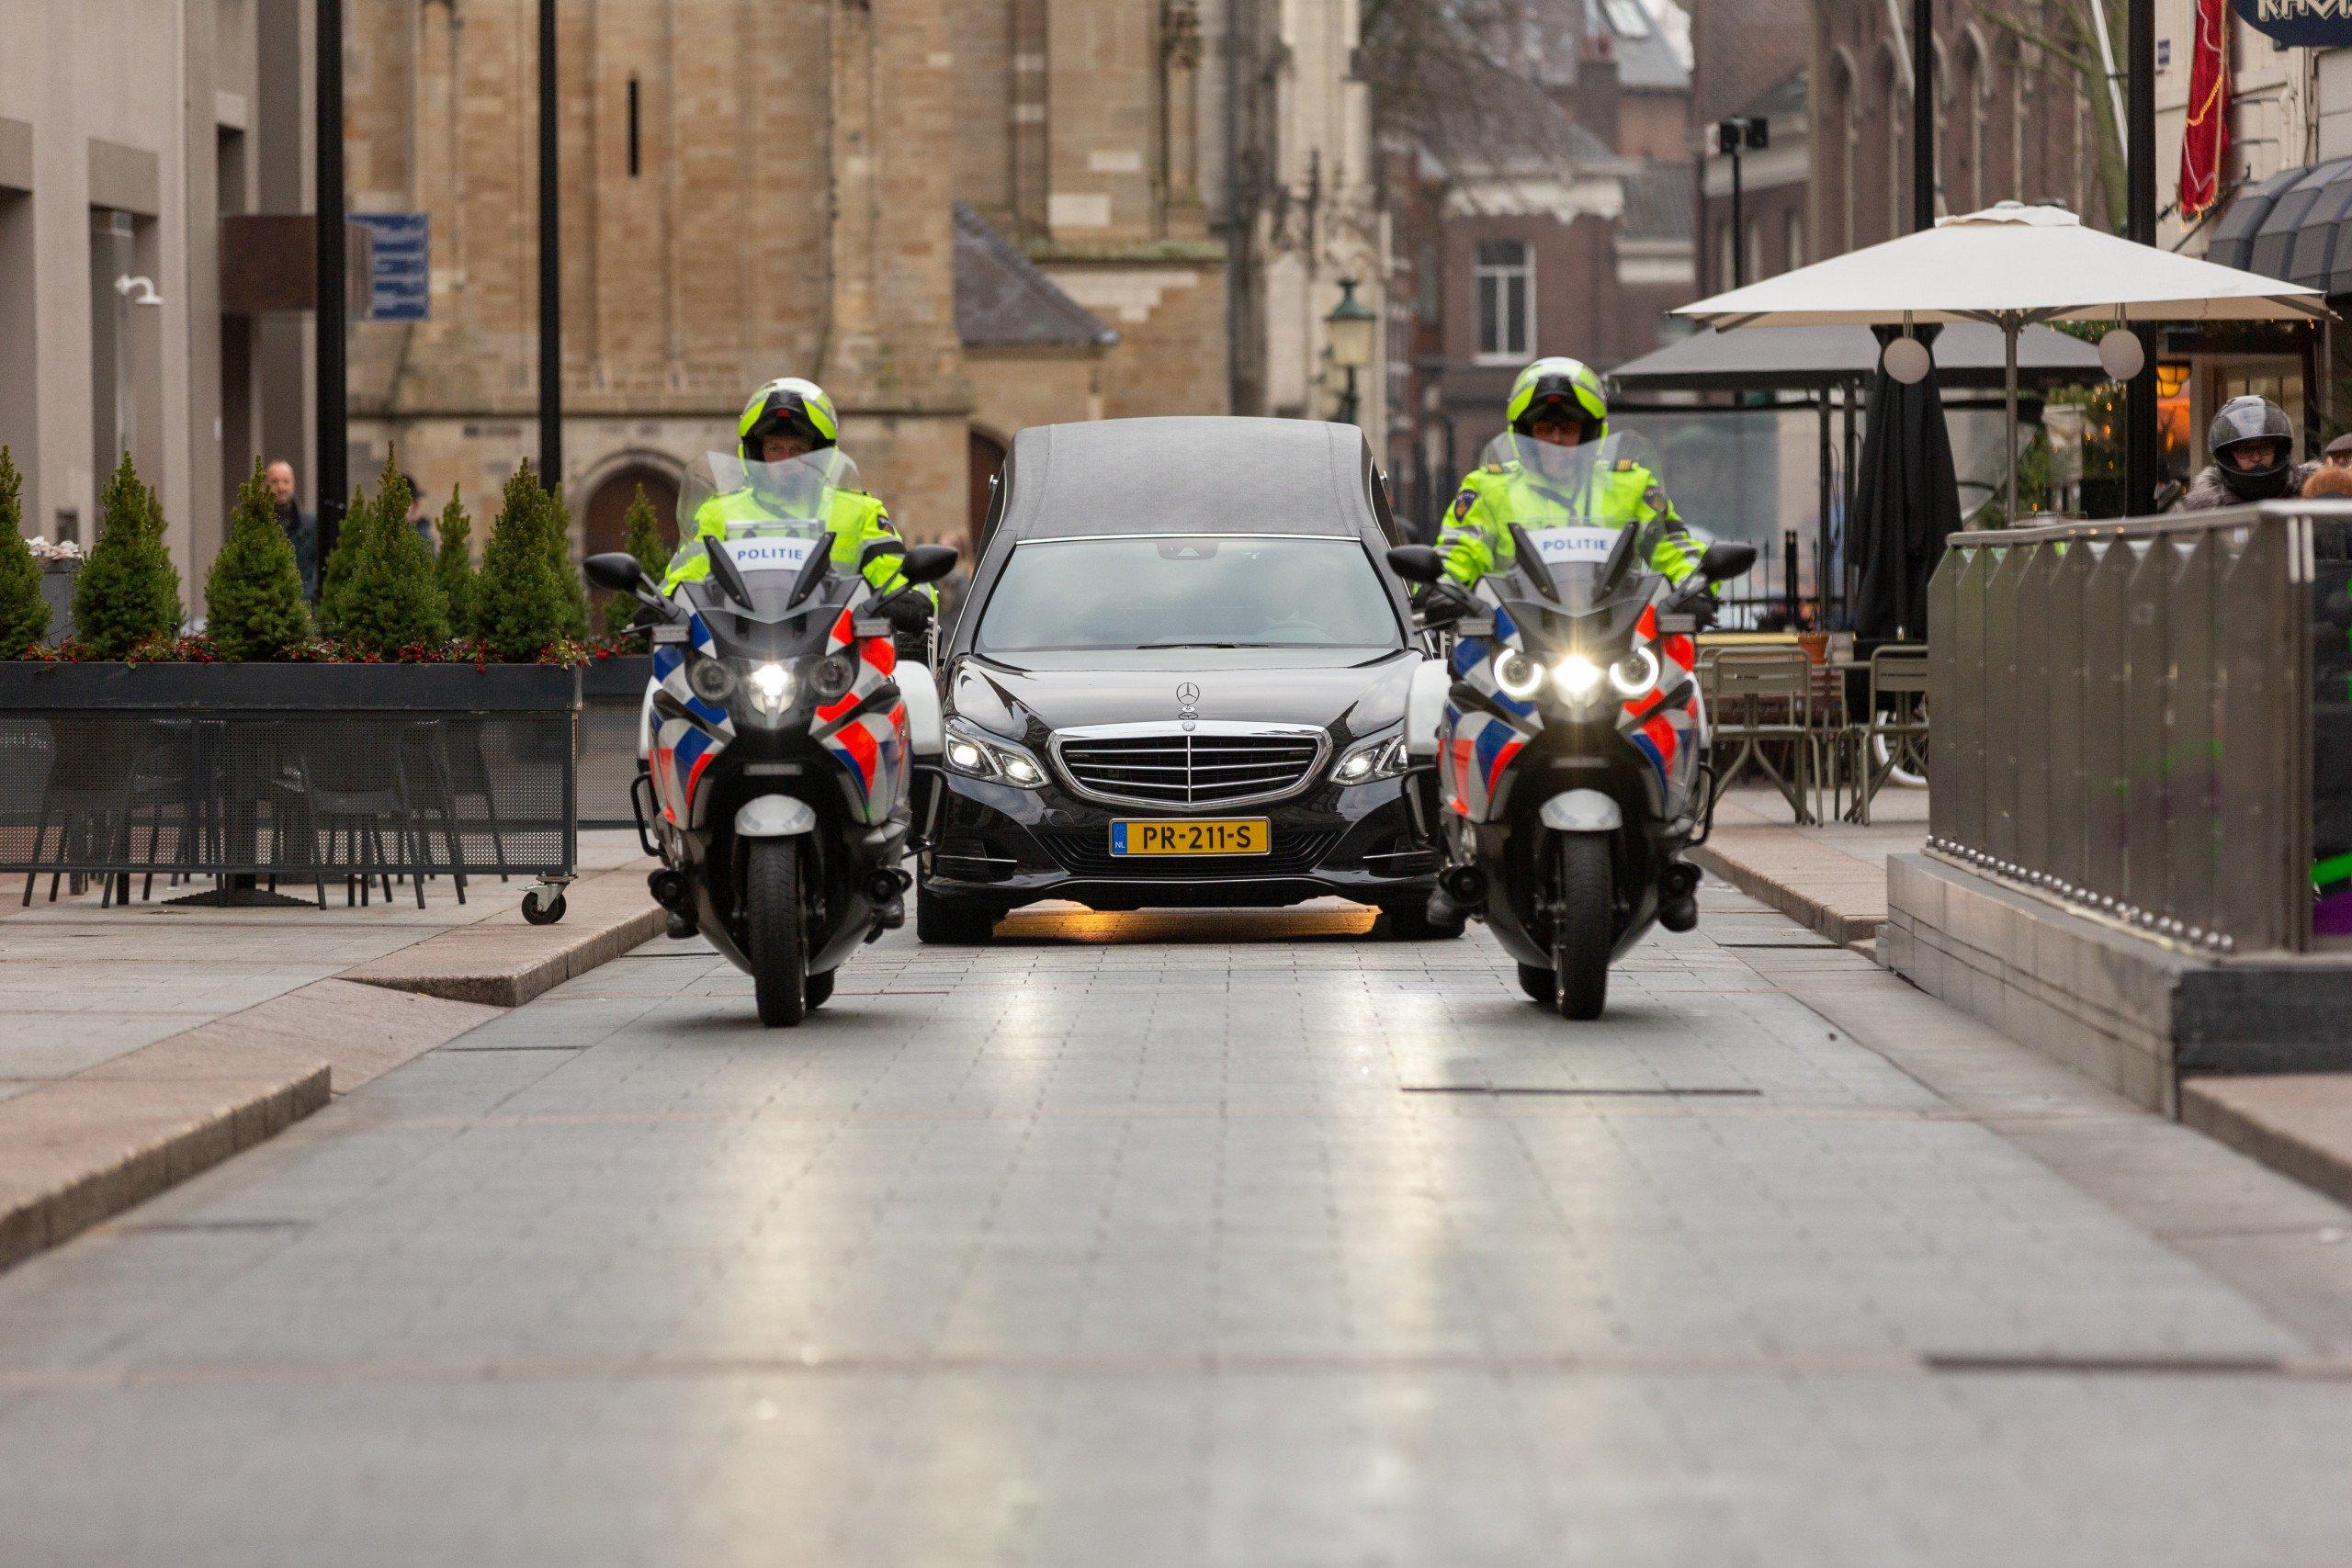 Uitvaart van een politieman